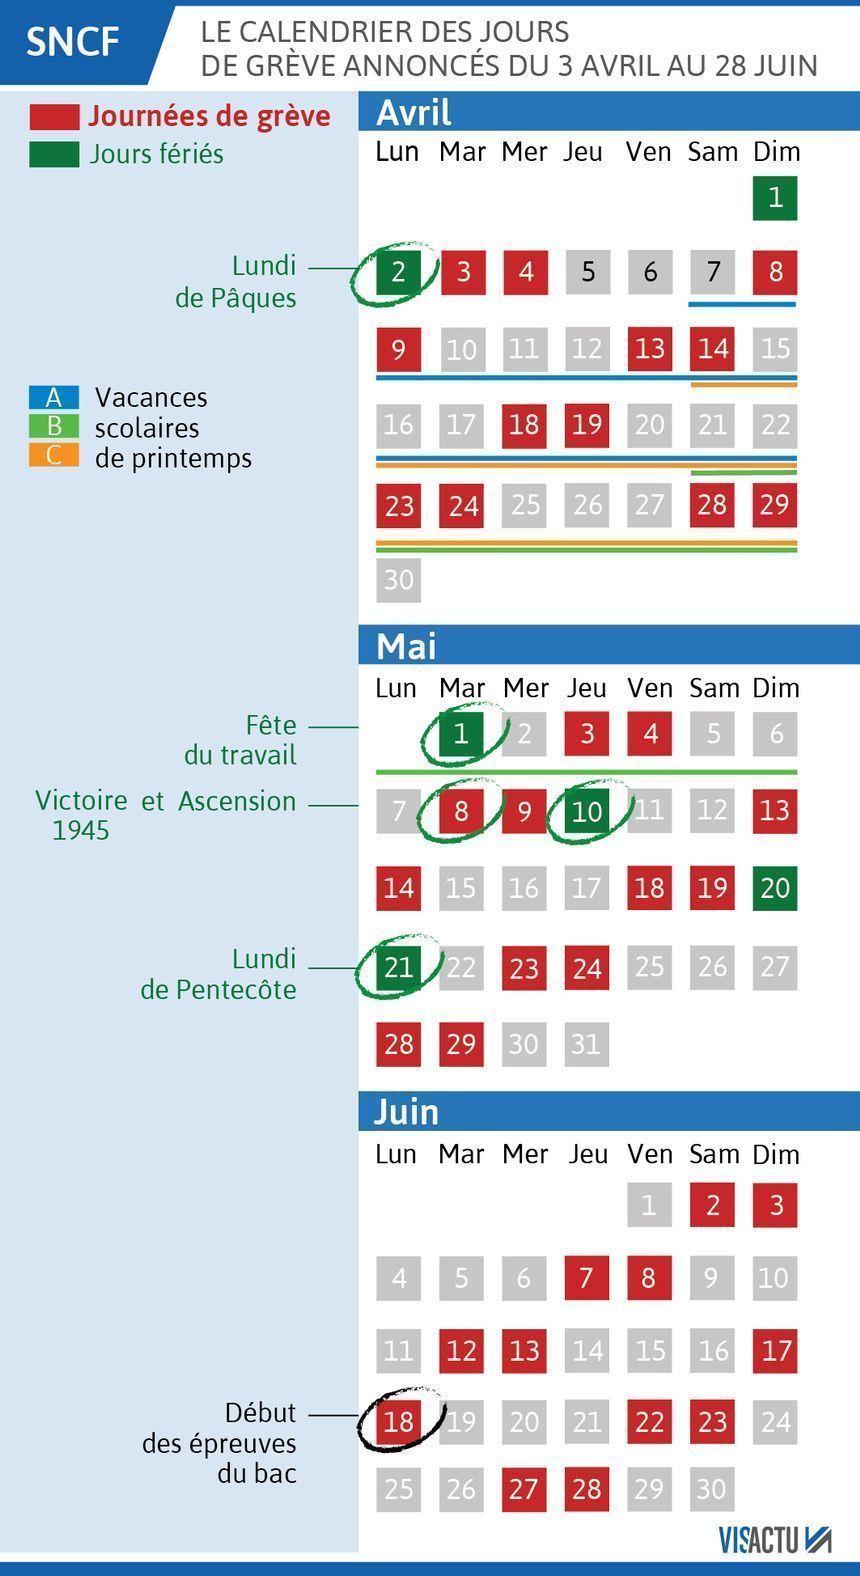 Le calendrier des grèves à la SNCF, d'avril à juin.